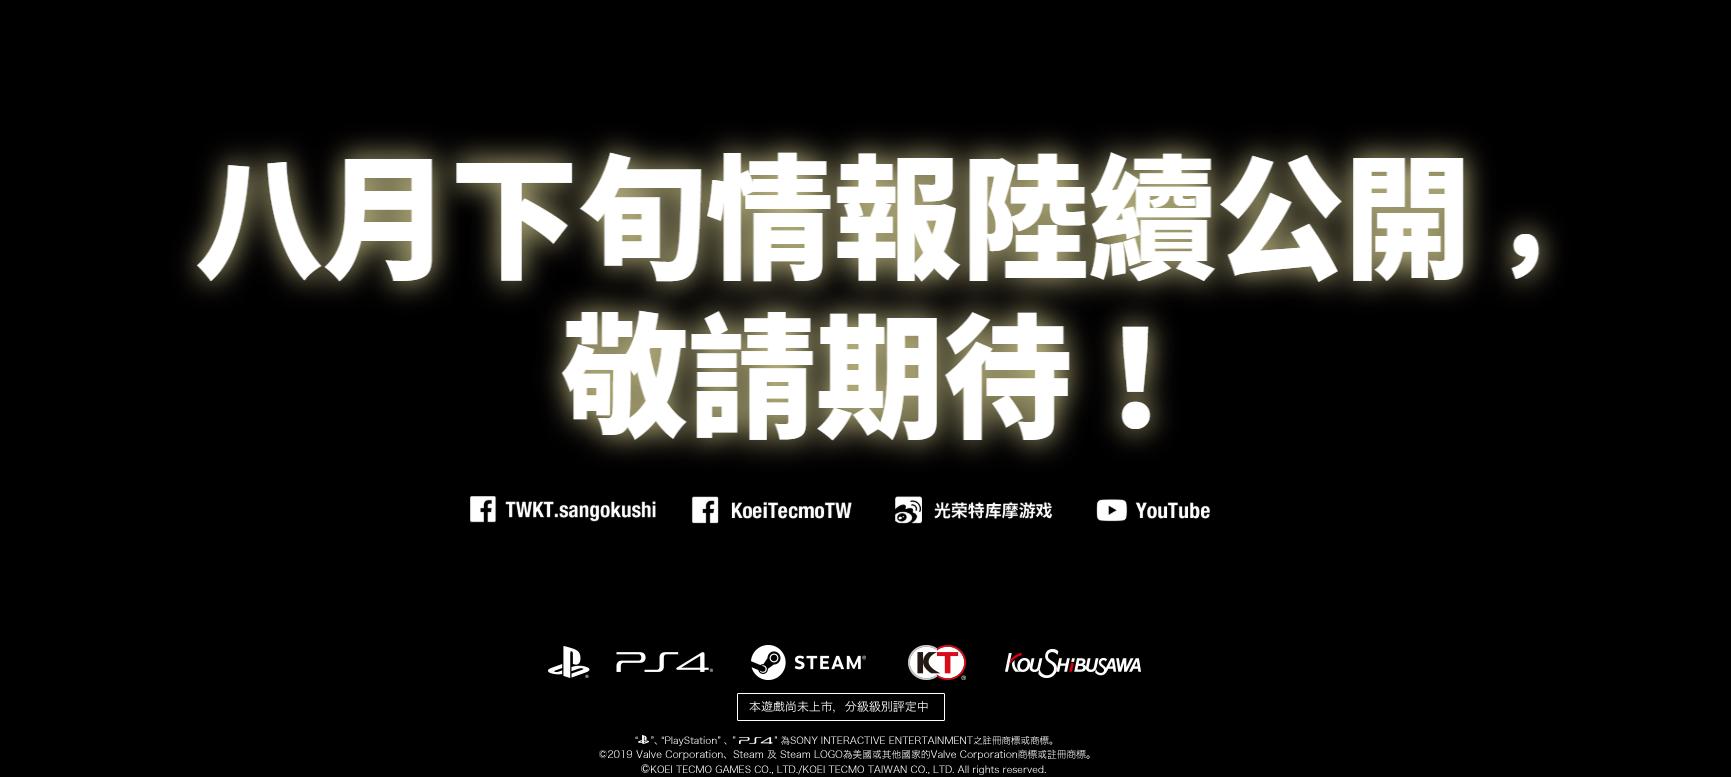 《三国志14》繁中官网上线 更多情报八月下旬公开